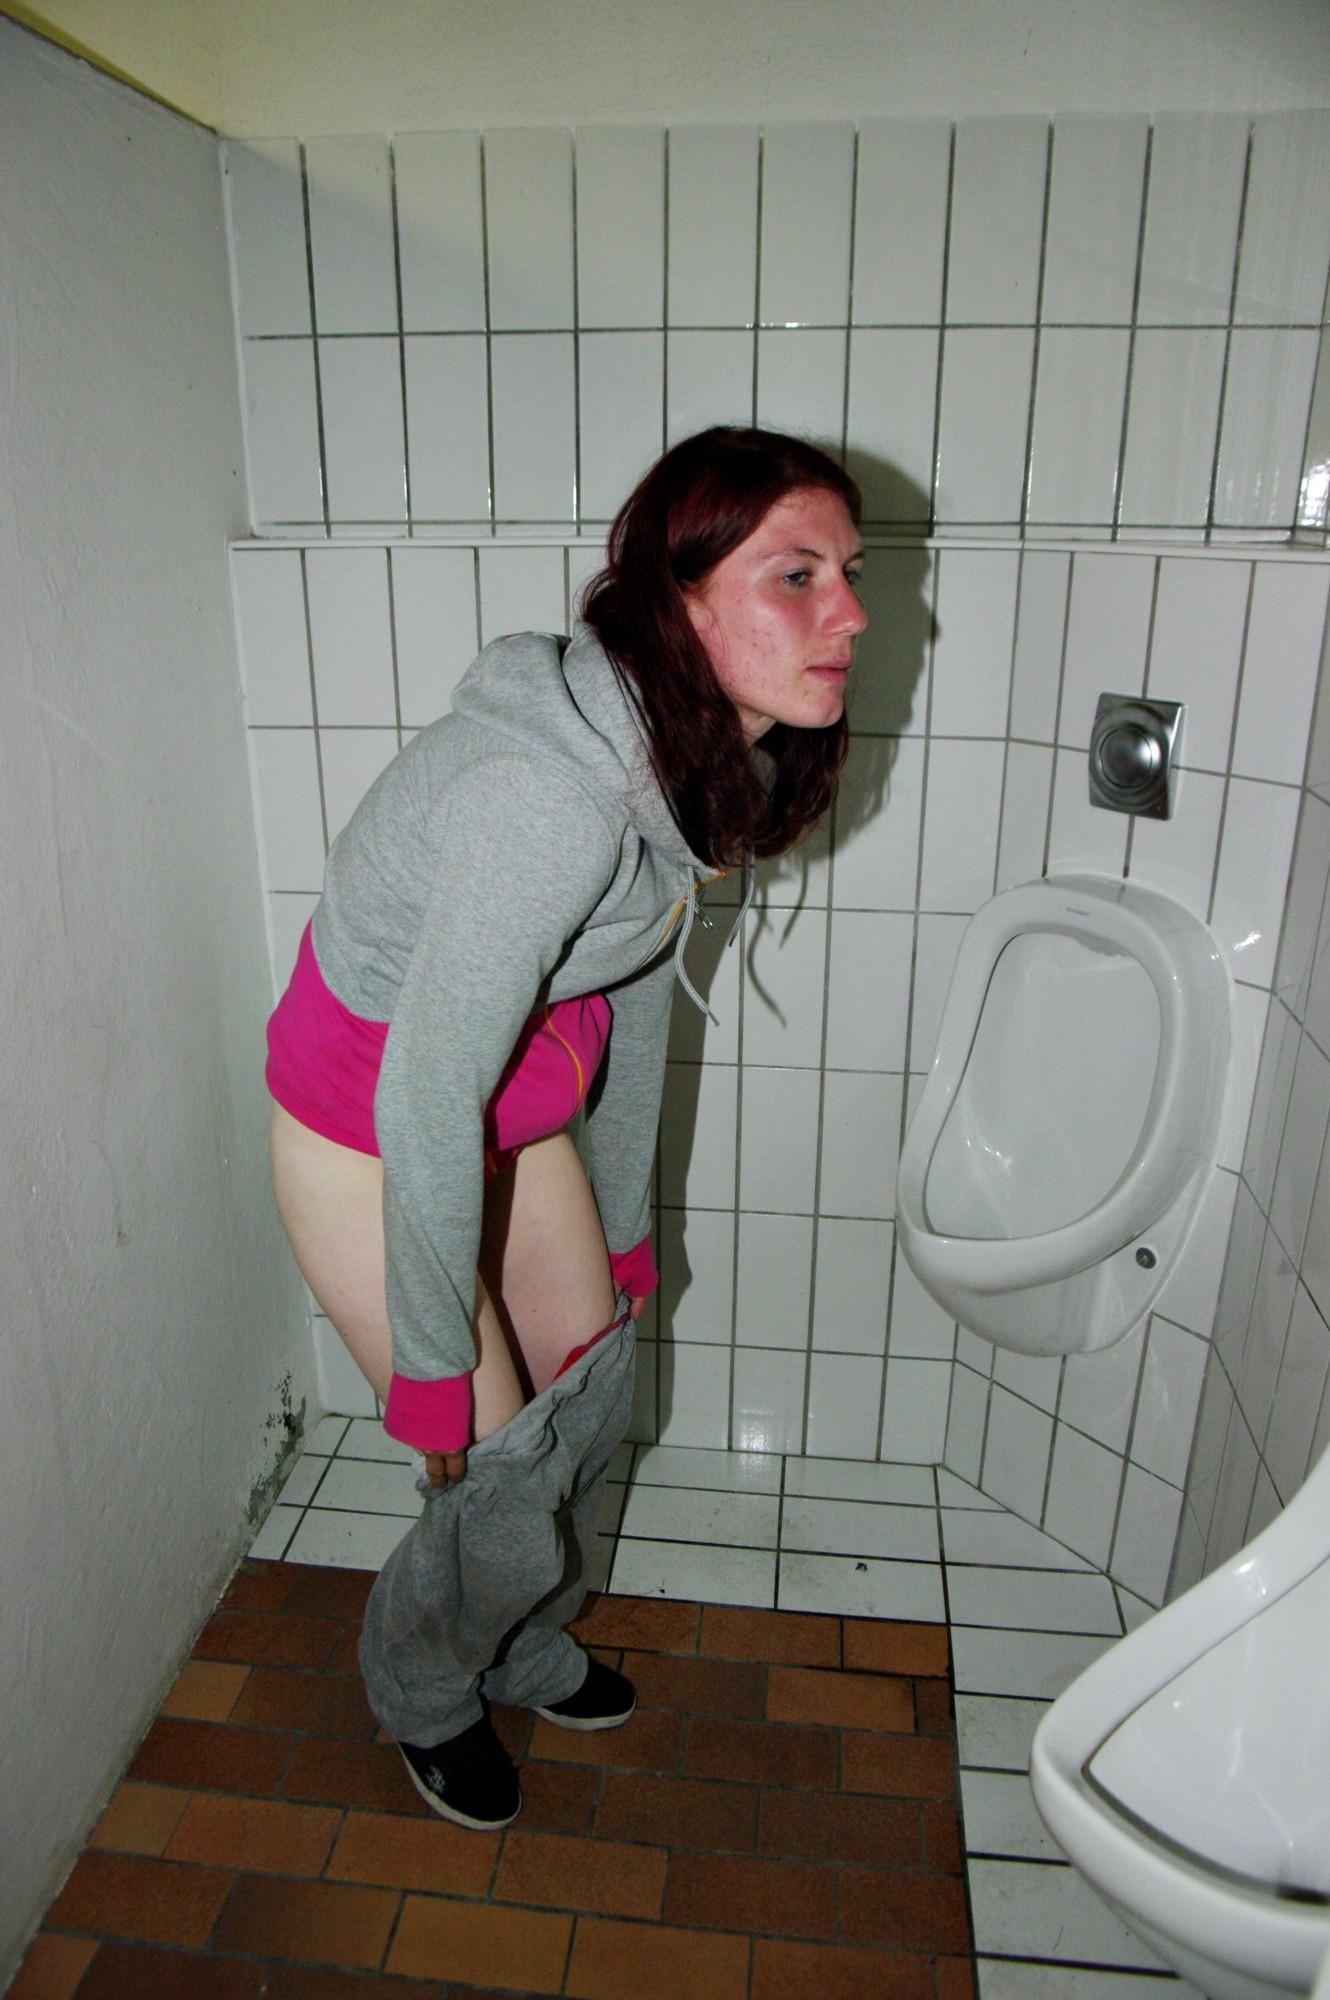 Немка Клаудиа снимает штаны и приподнимает свитер в туалете и в метро